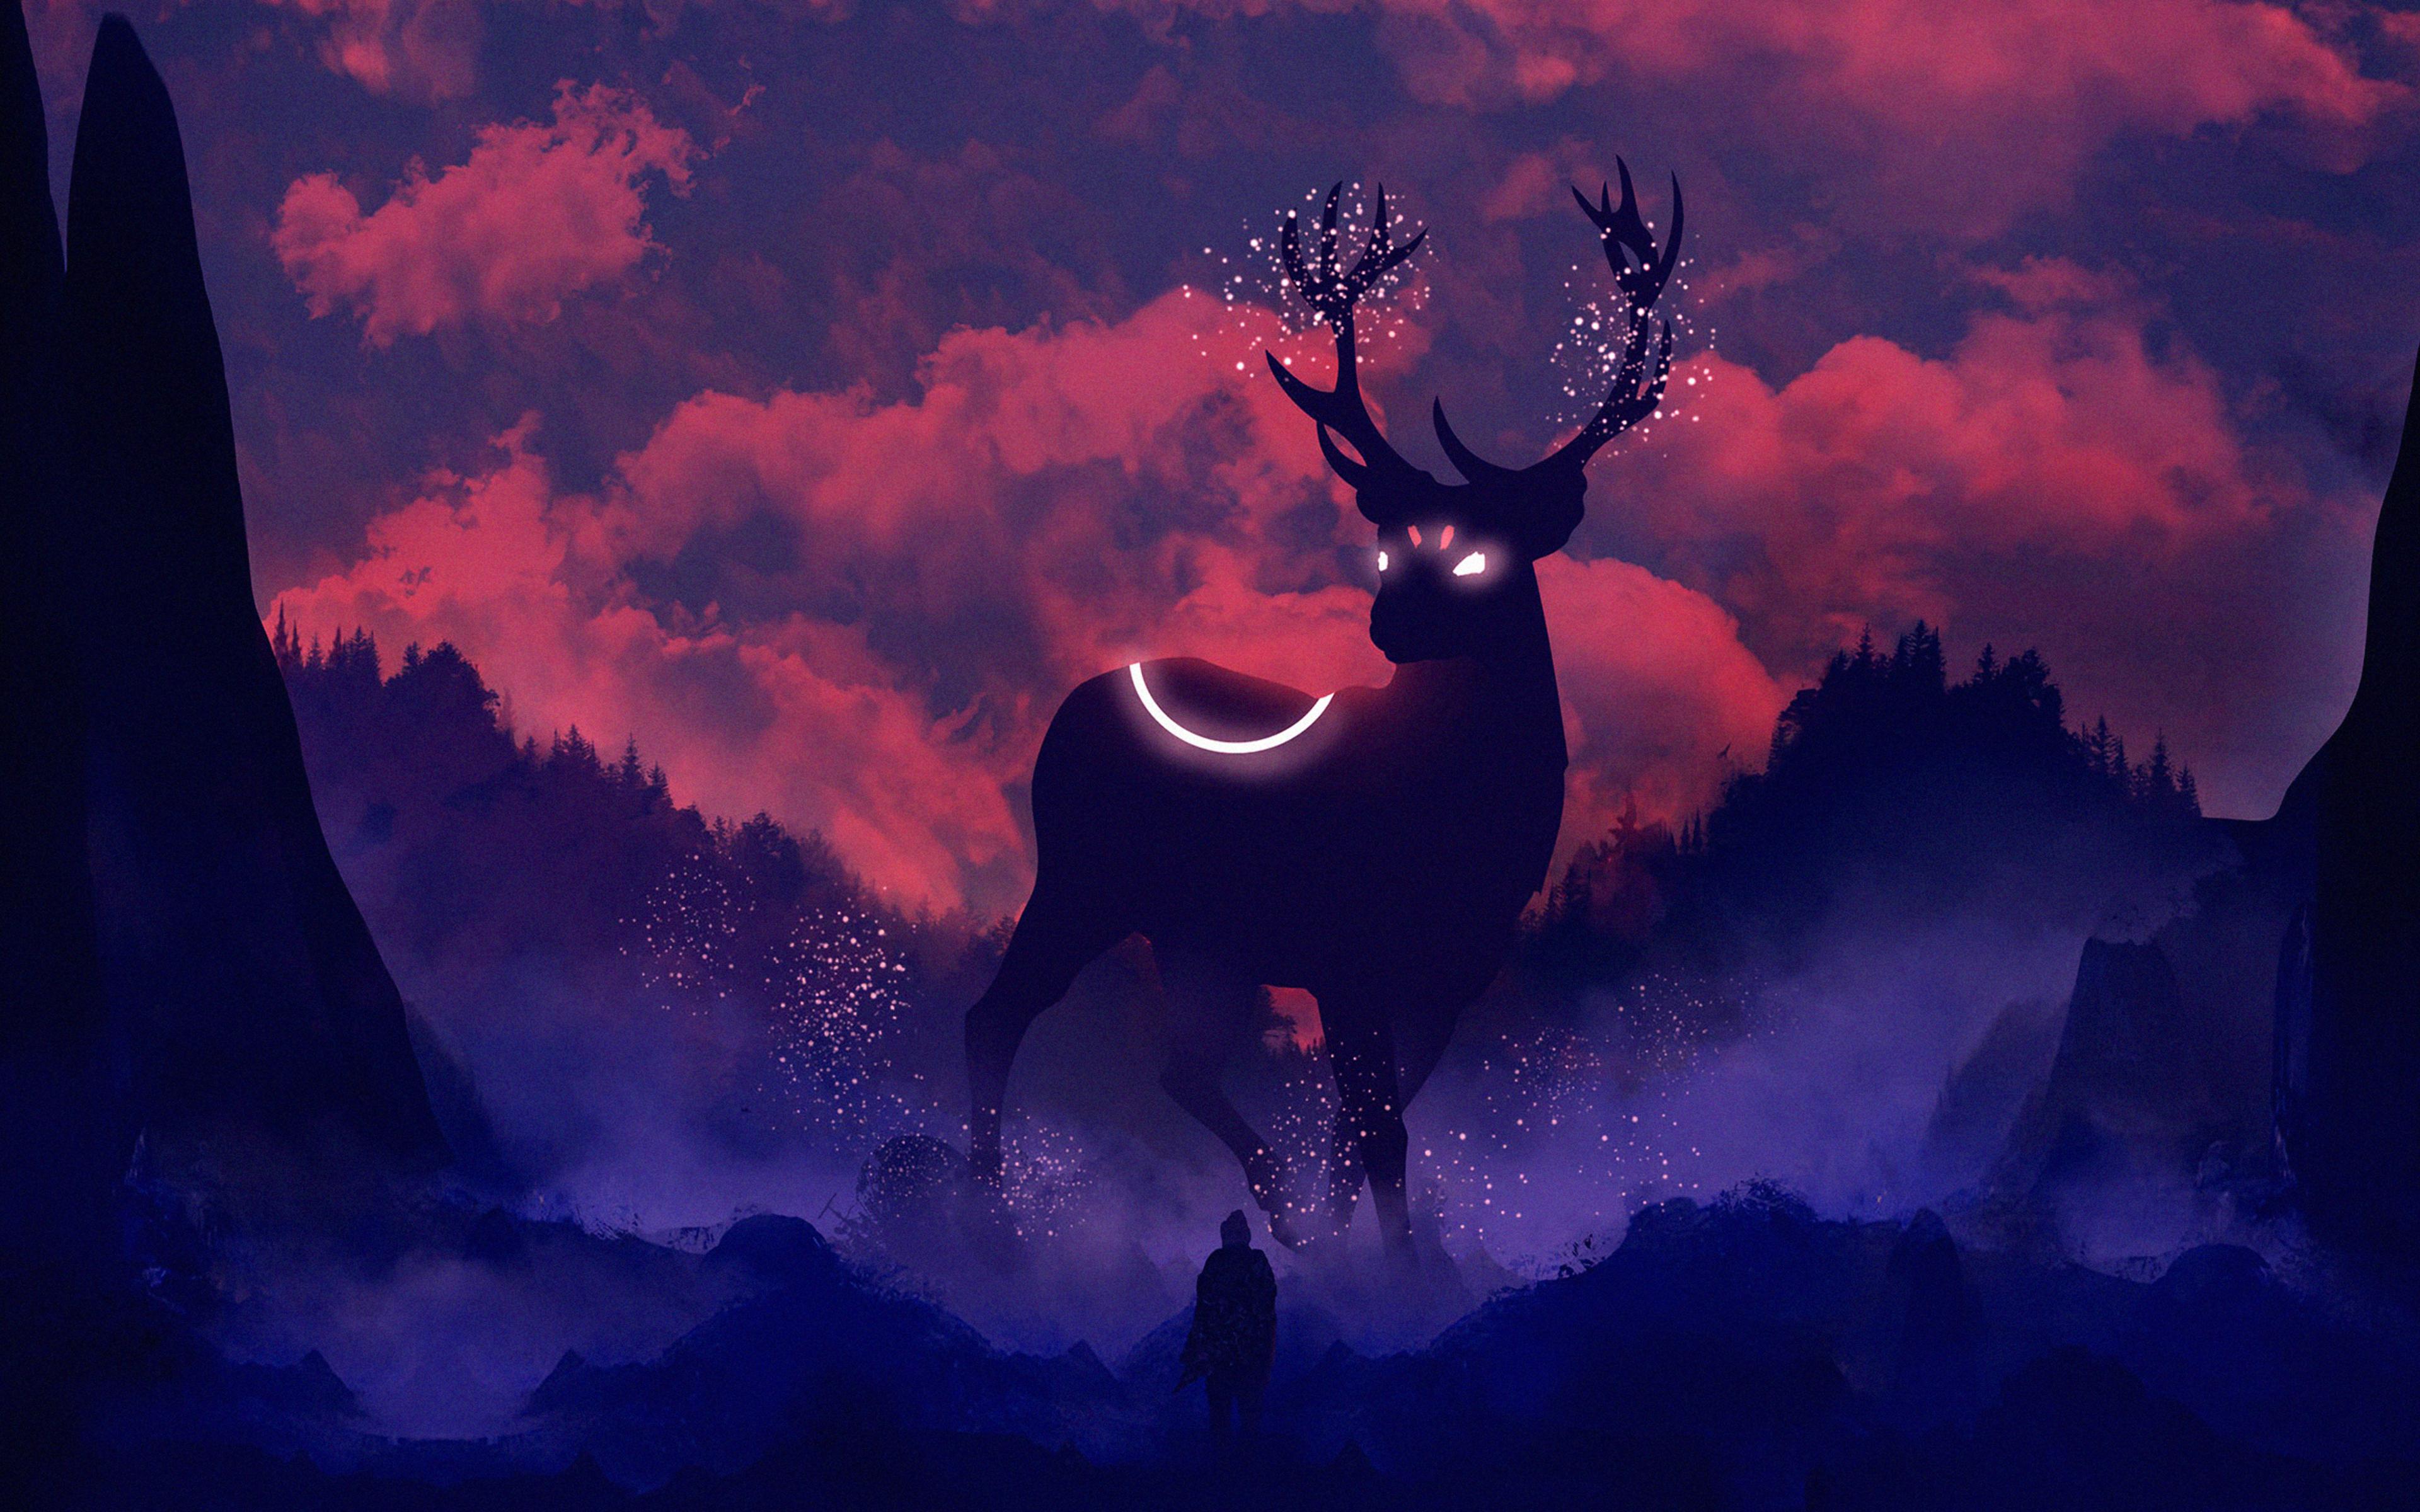 reindeer-digital-art-fq.jpg